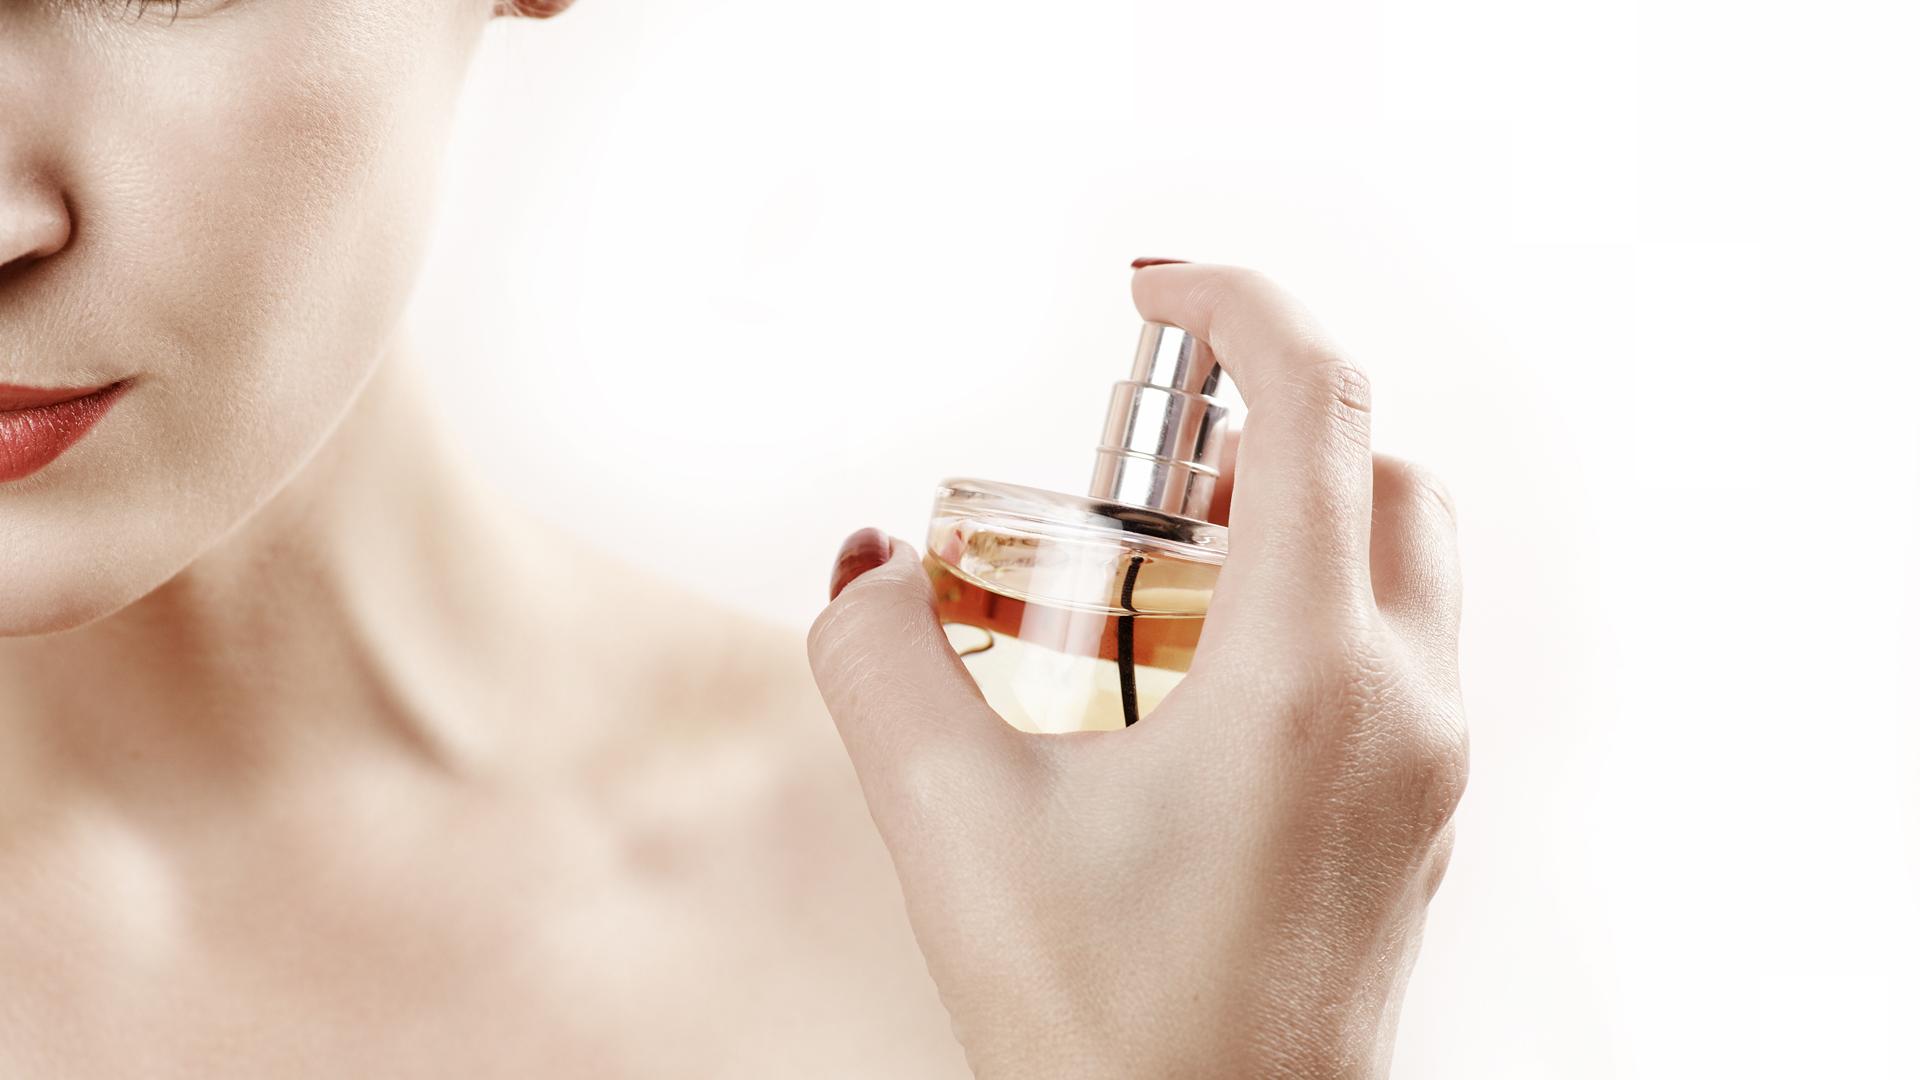 Cuello y muñecas son los principales zonas del cuerpo para perfumar para que la duración sea más prolongada (Getty Images)